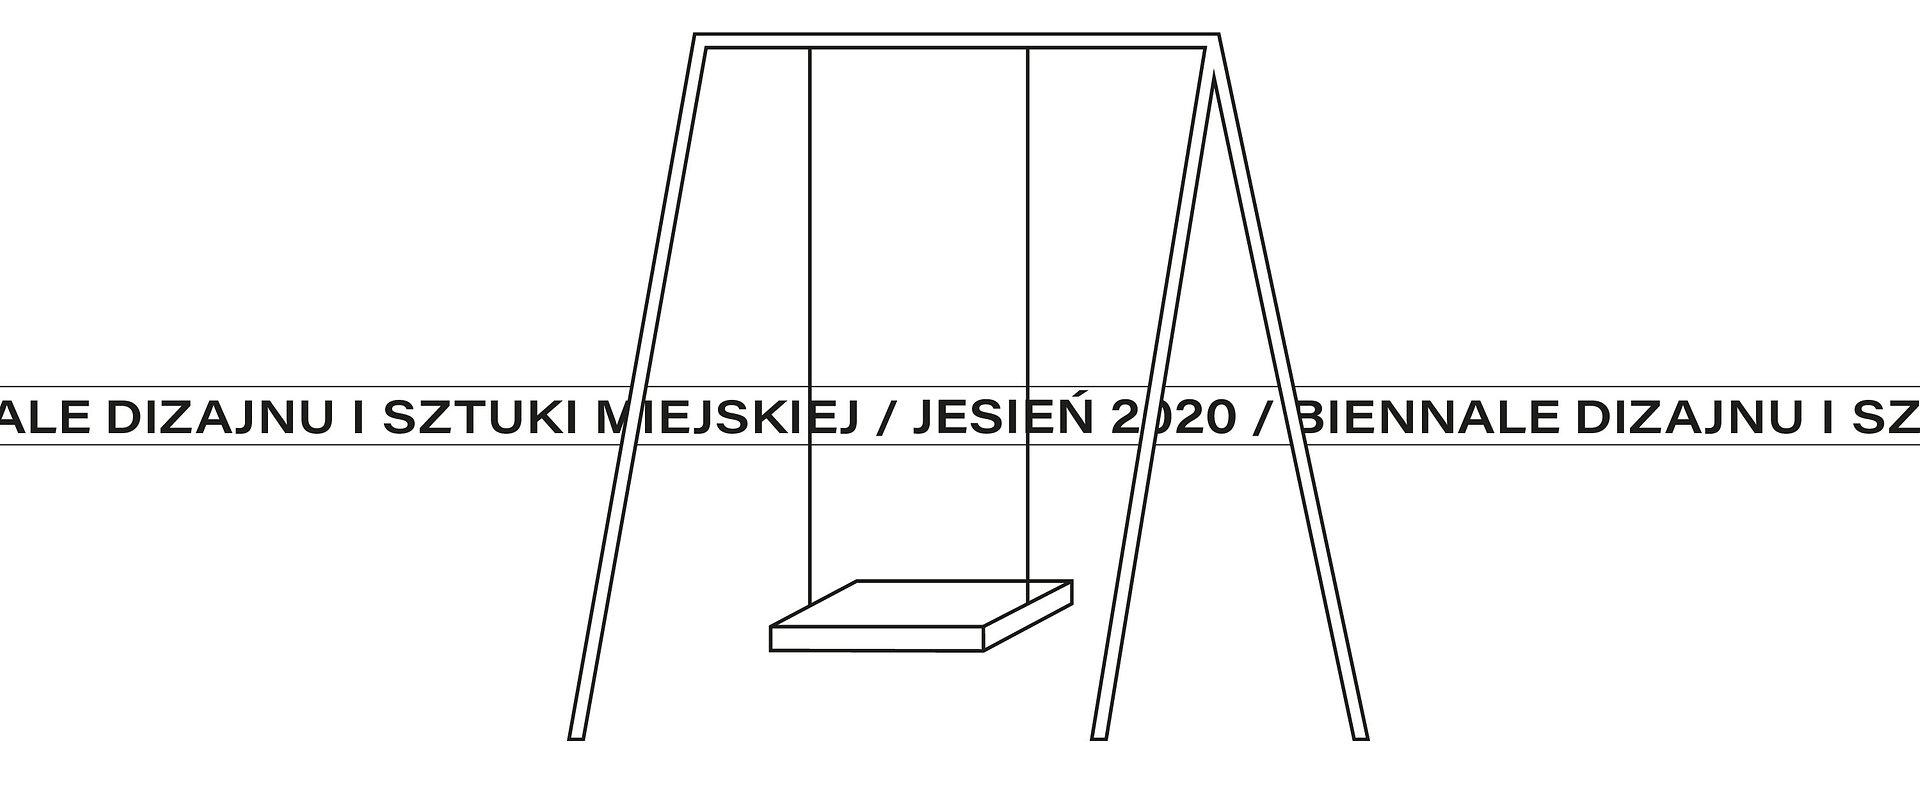 Biennale Dizajnu i Sztuki Miejskiej jesień 2020